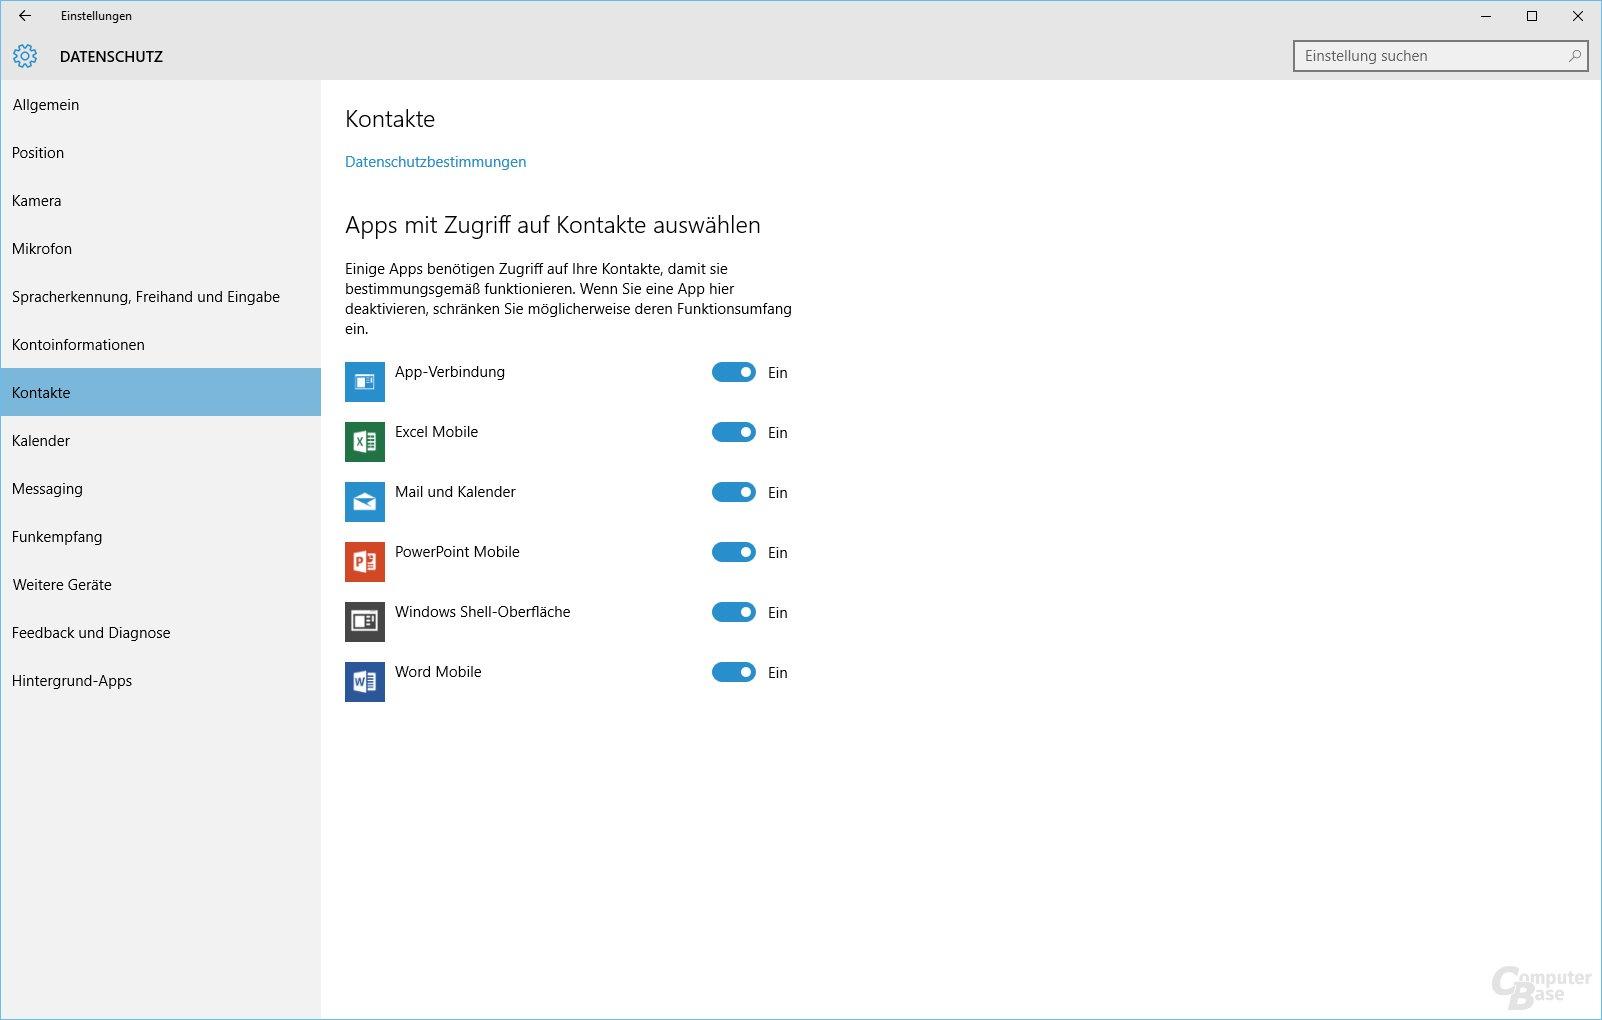 Datenschutz bei Windows 10: Kontakte